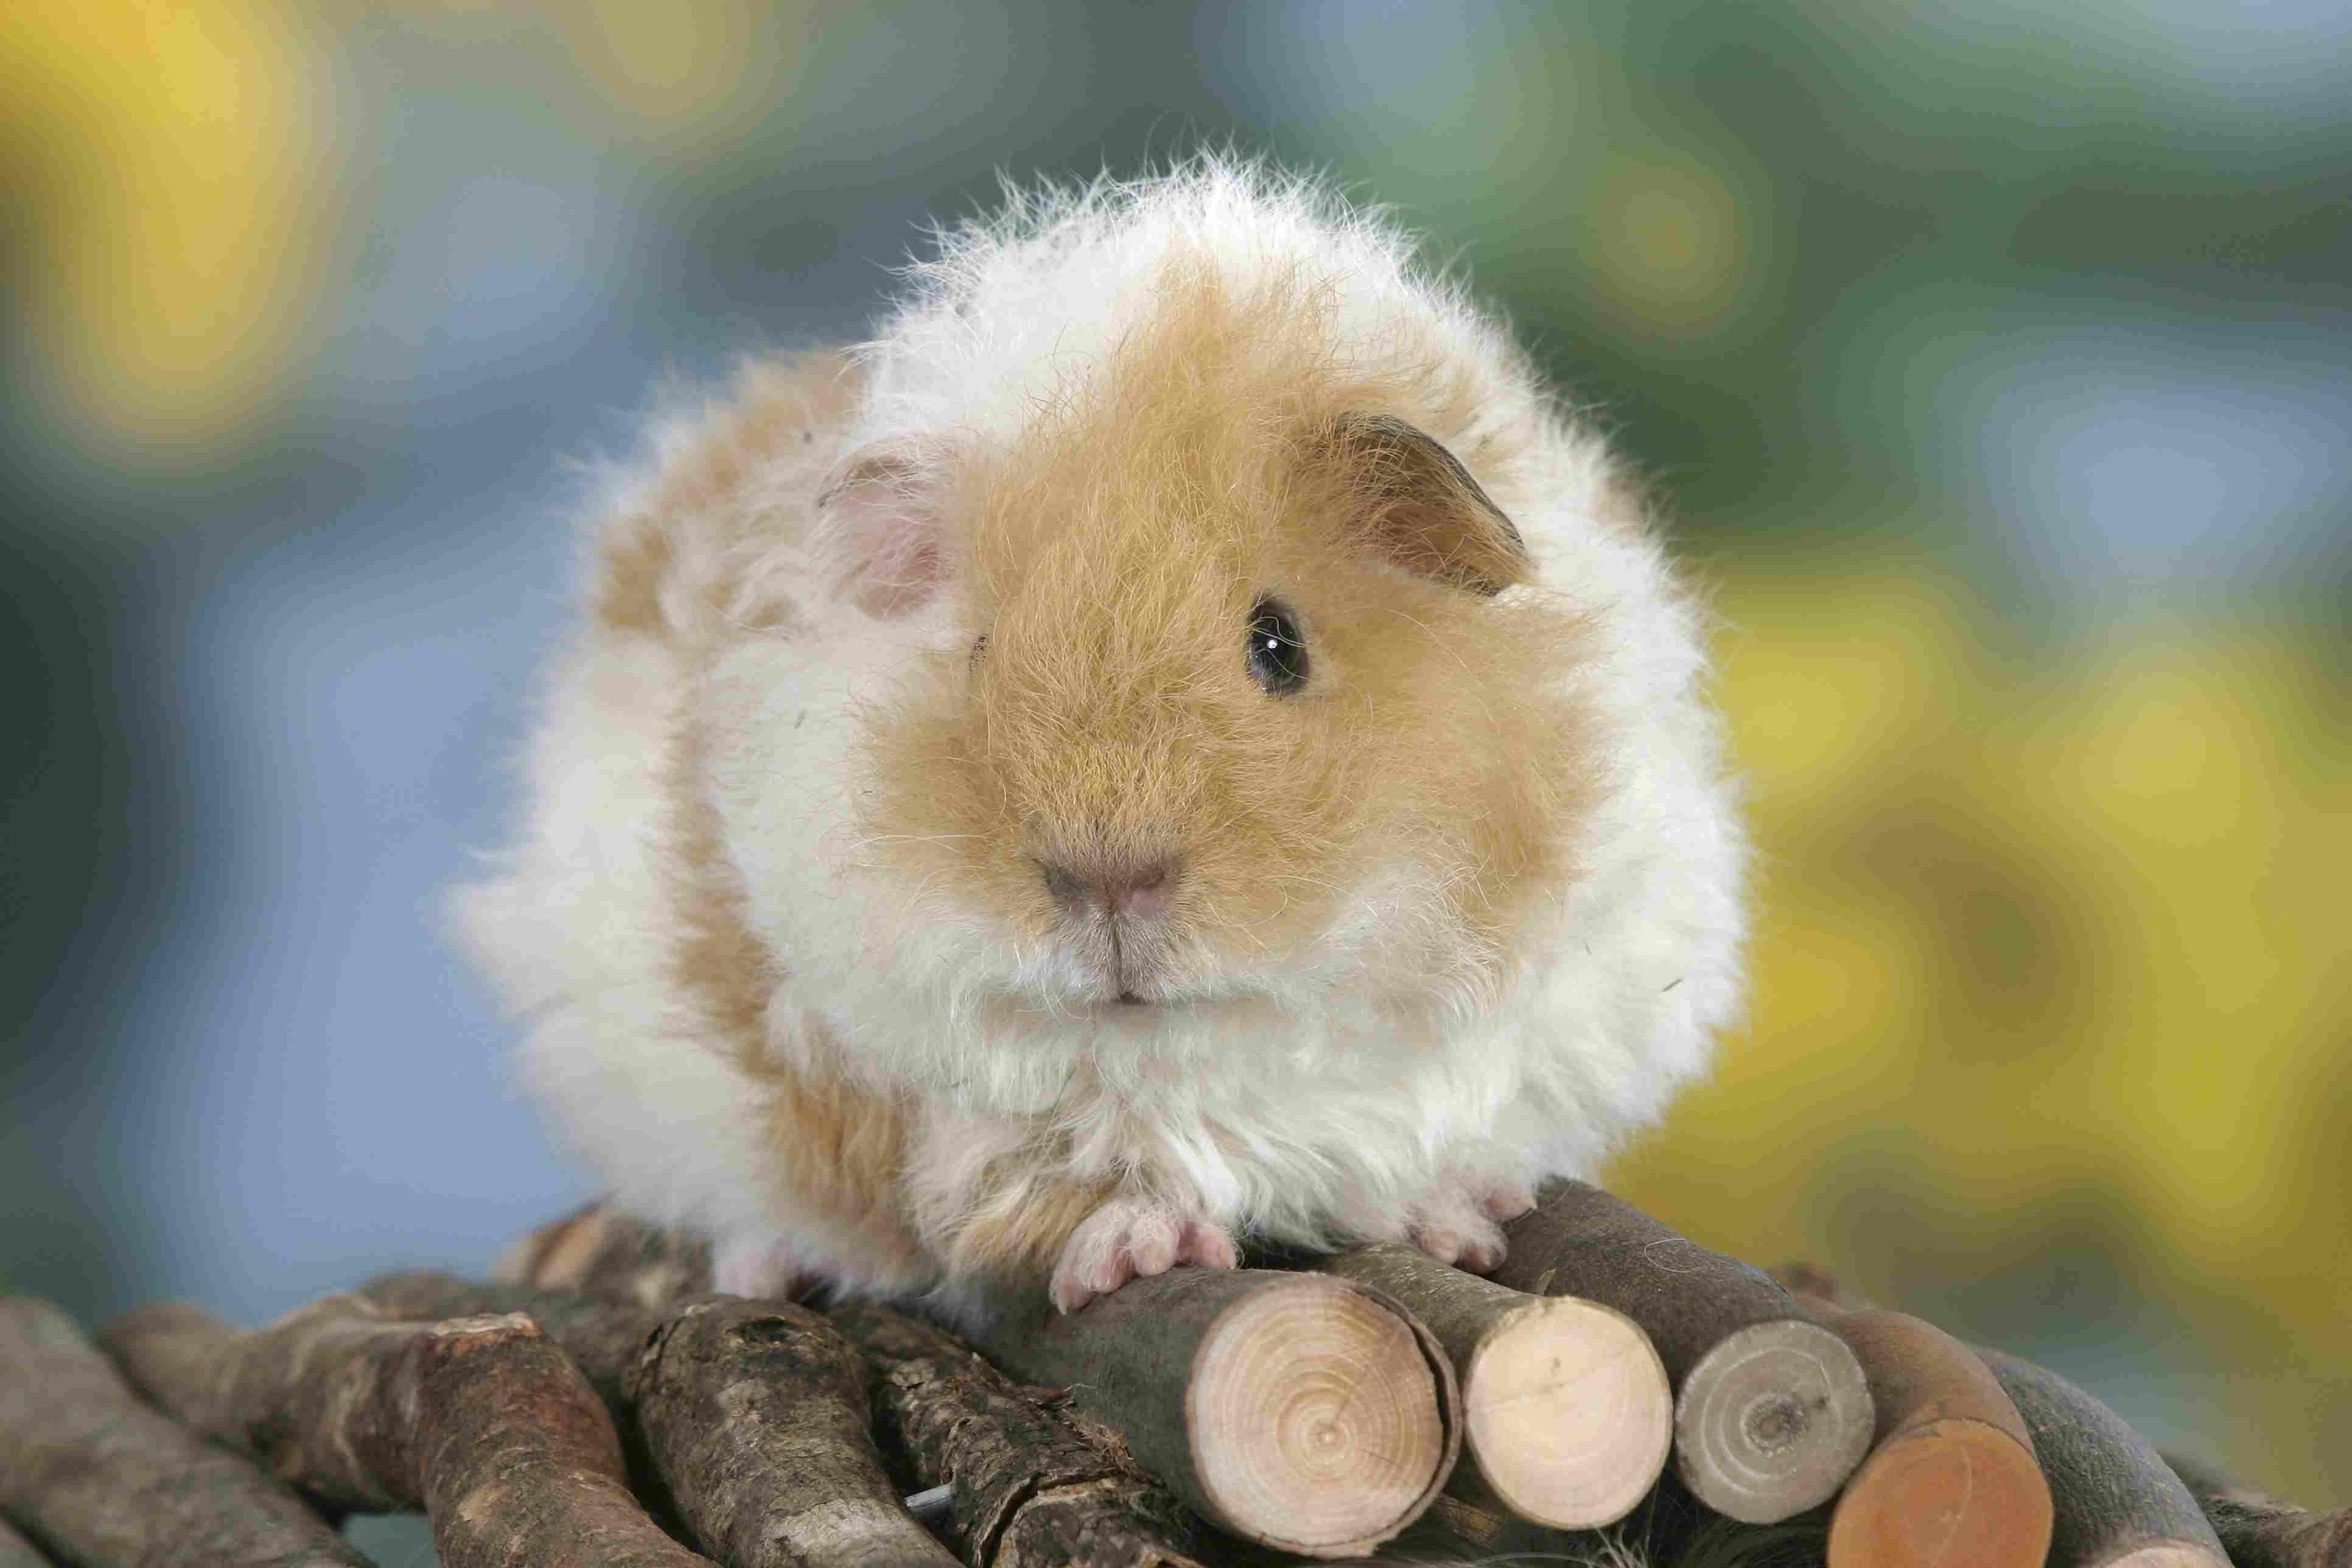 Un conejillo de indias blanco y texel